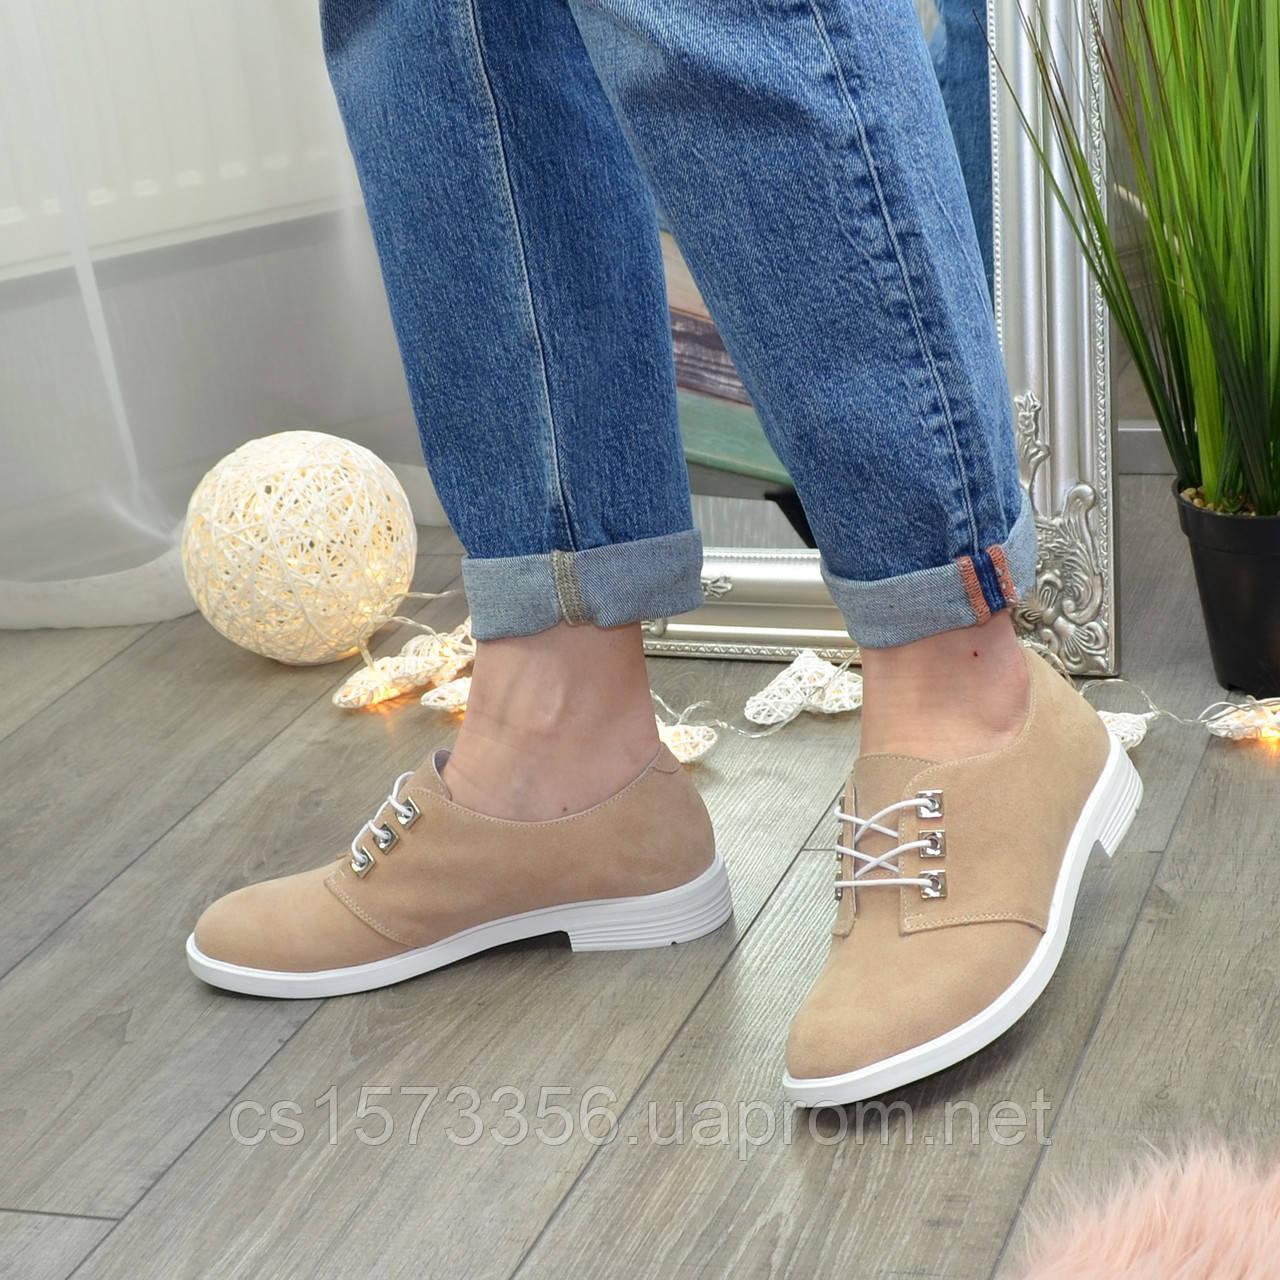 Туфли женские замшевые на шнуровке, низкий ход. Цвет пудра